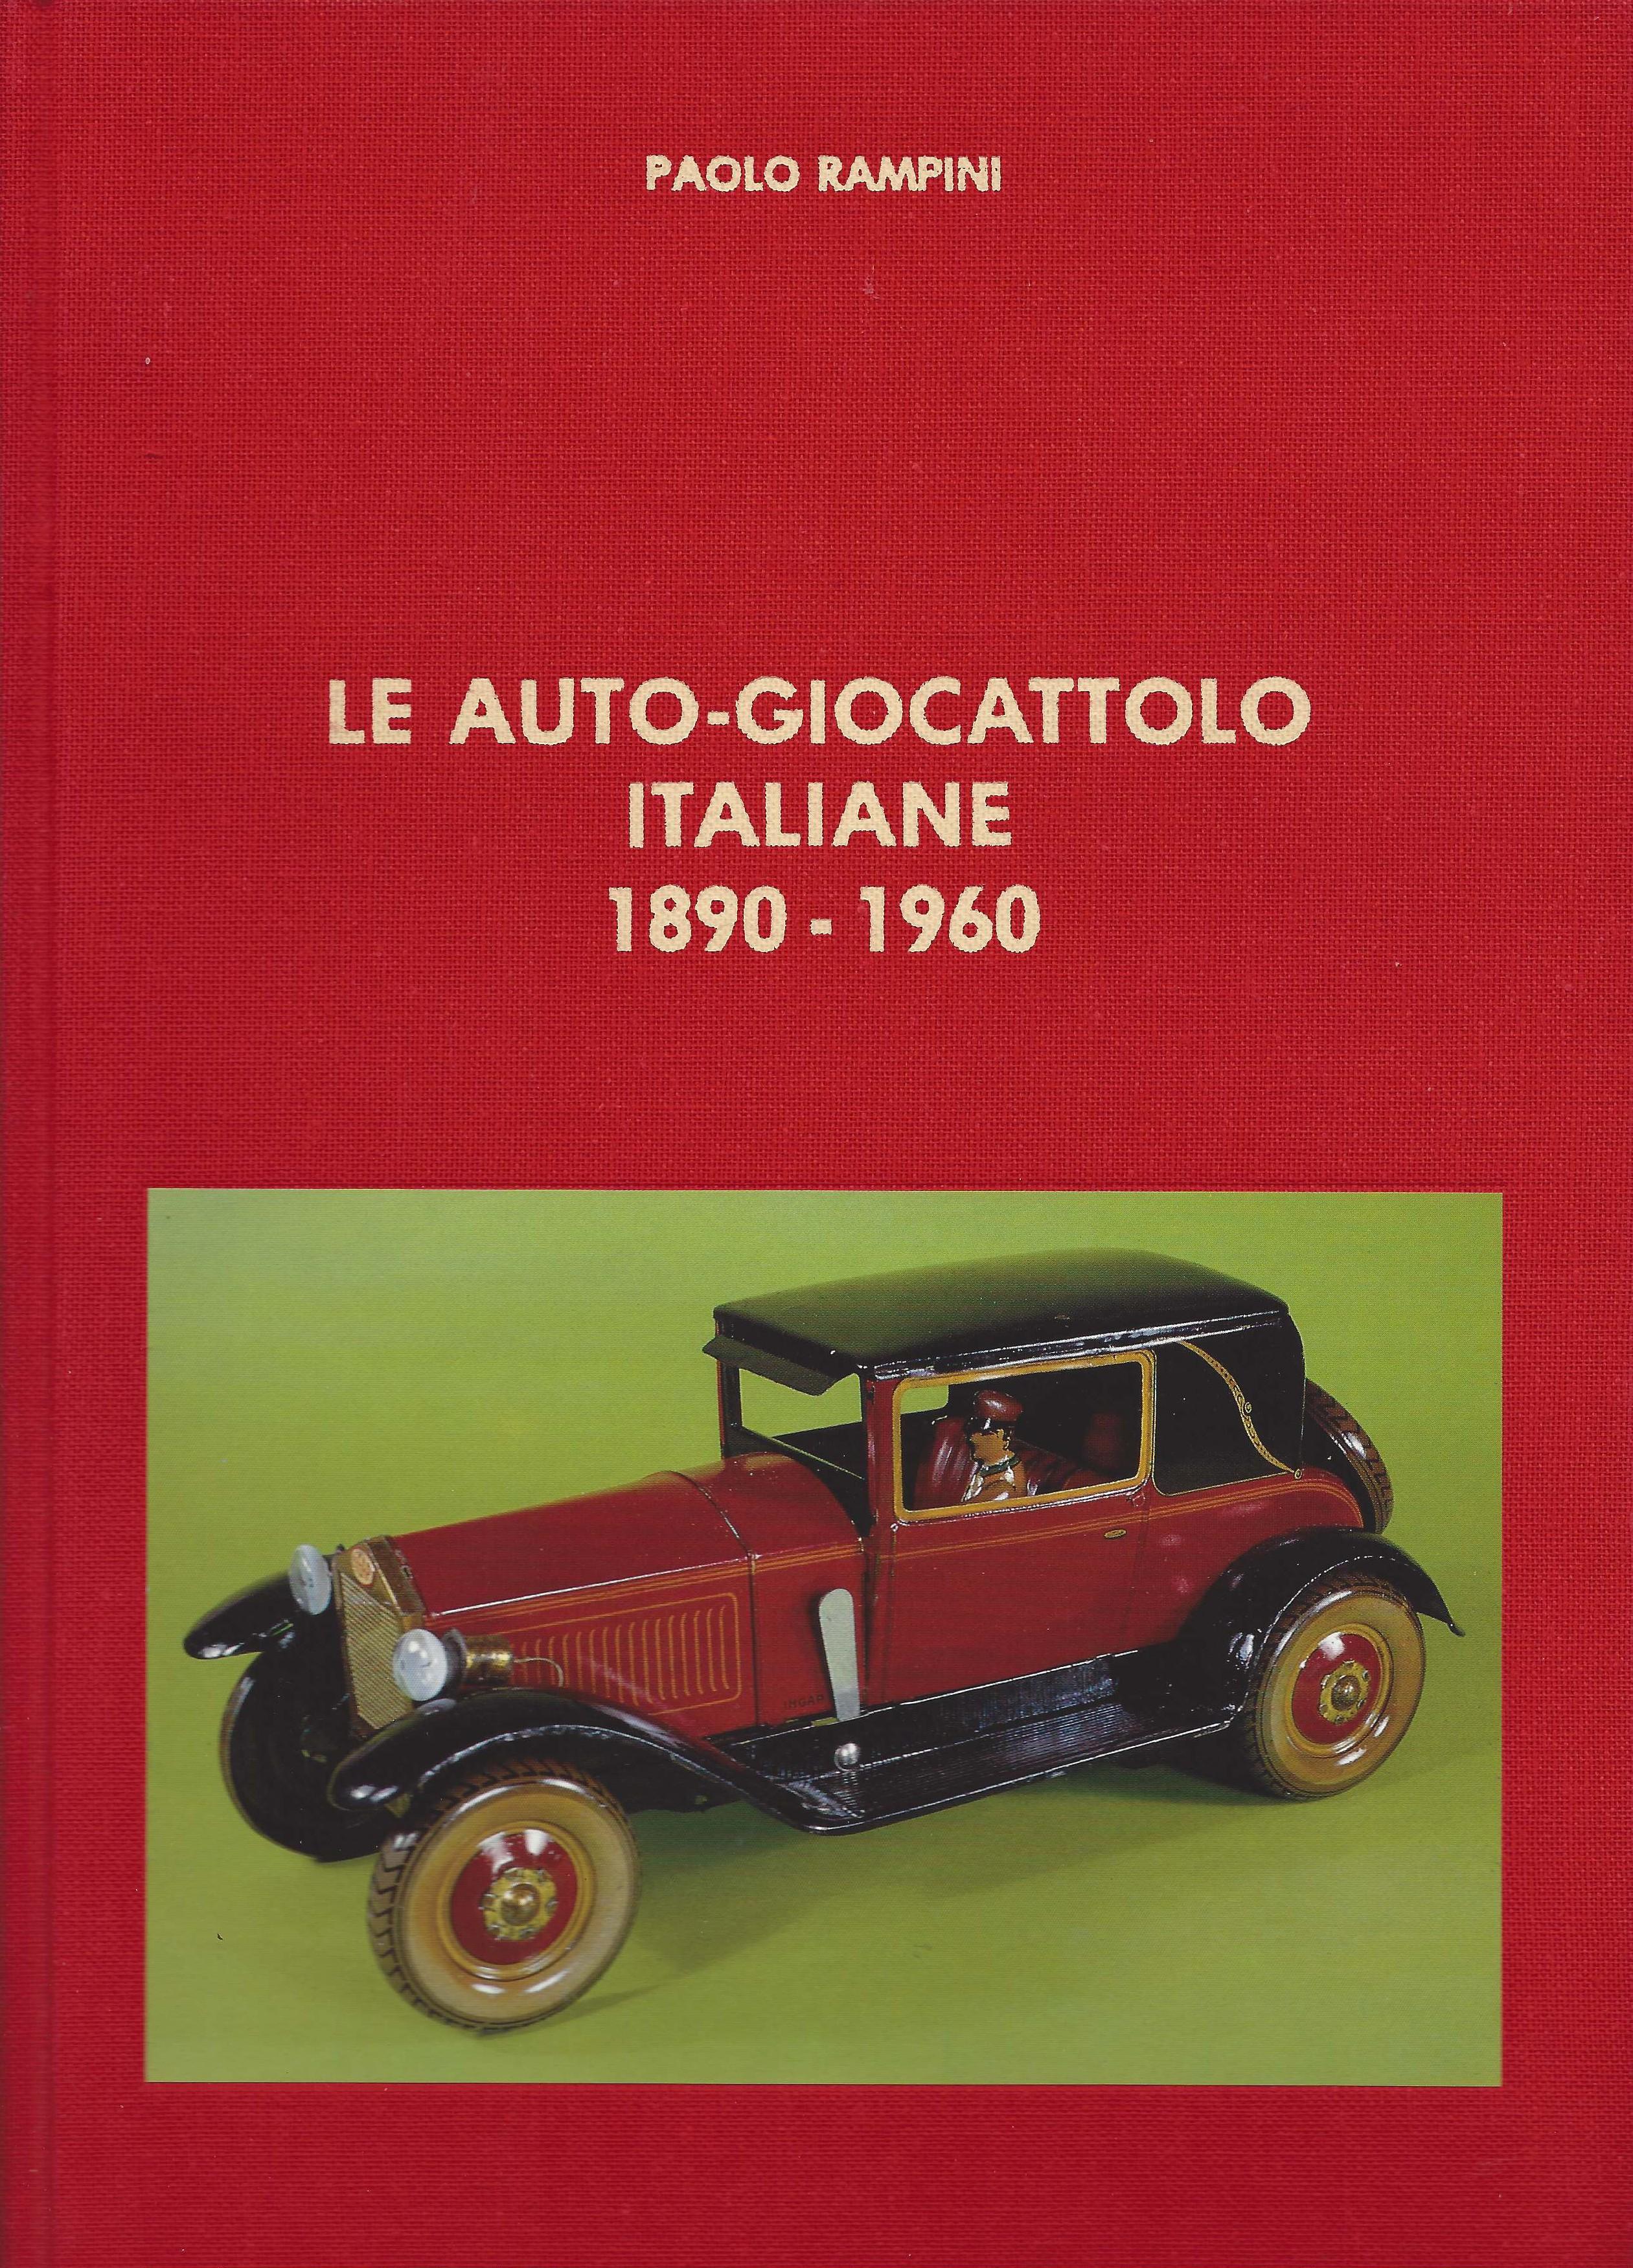 2 - Le auto-giocattolo italiane 1890-1960, Milano, Edizioni Paolo Rampini, 1986